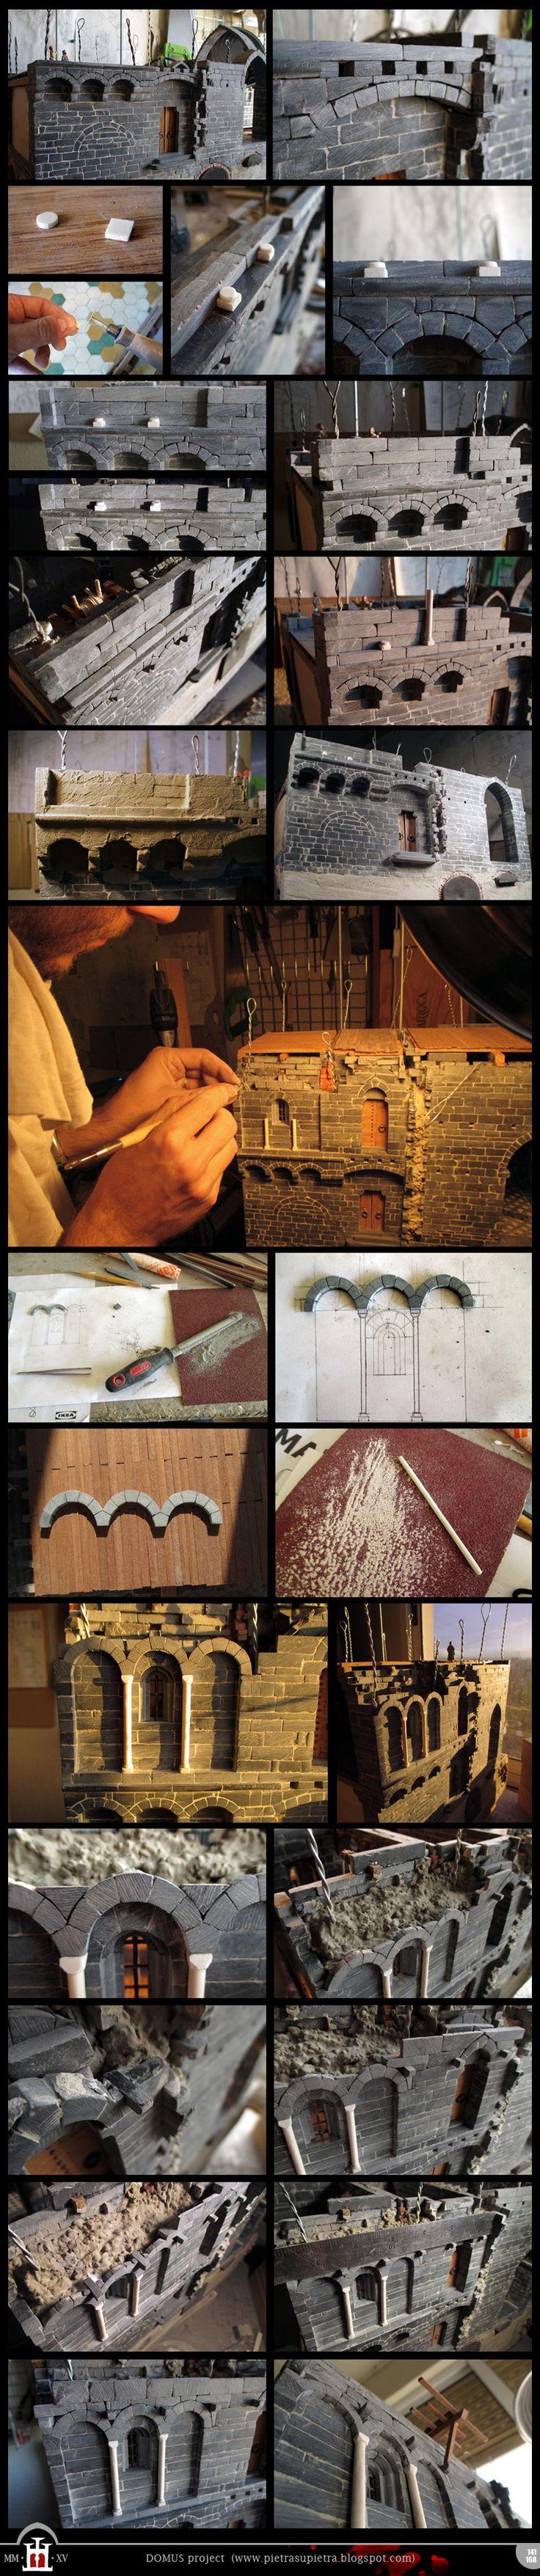 Domus project 141-168: Blind arcades by Wernerio.deviantart.com on @DeviantArt